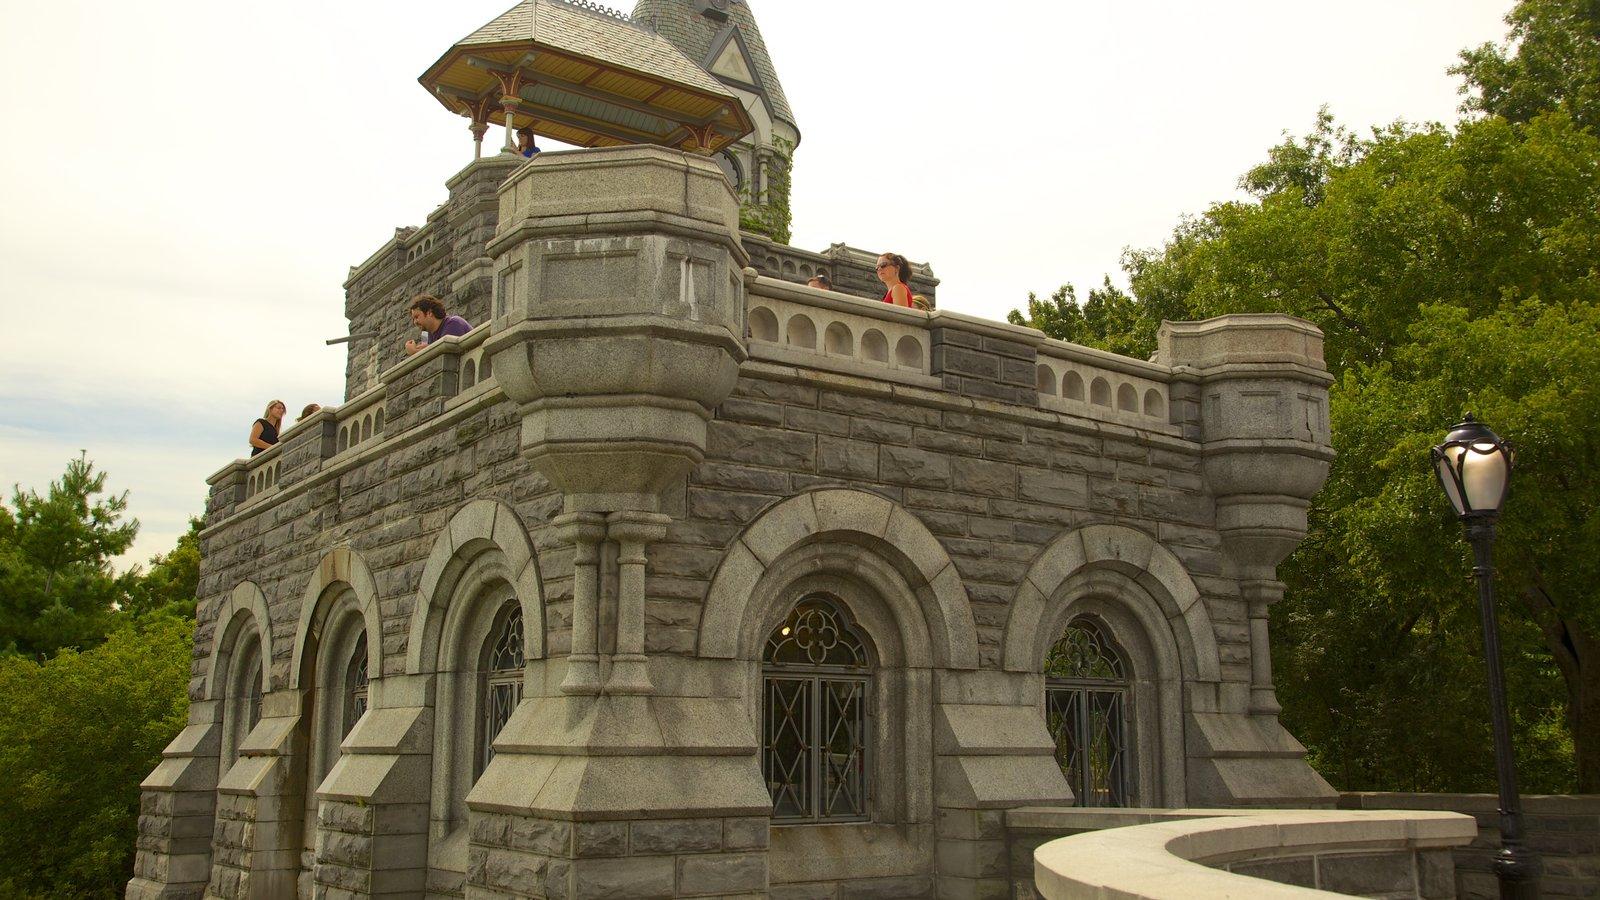 Belvedere Castle mostrando um pequeno castelo ou palácio